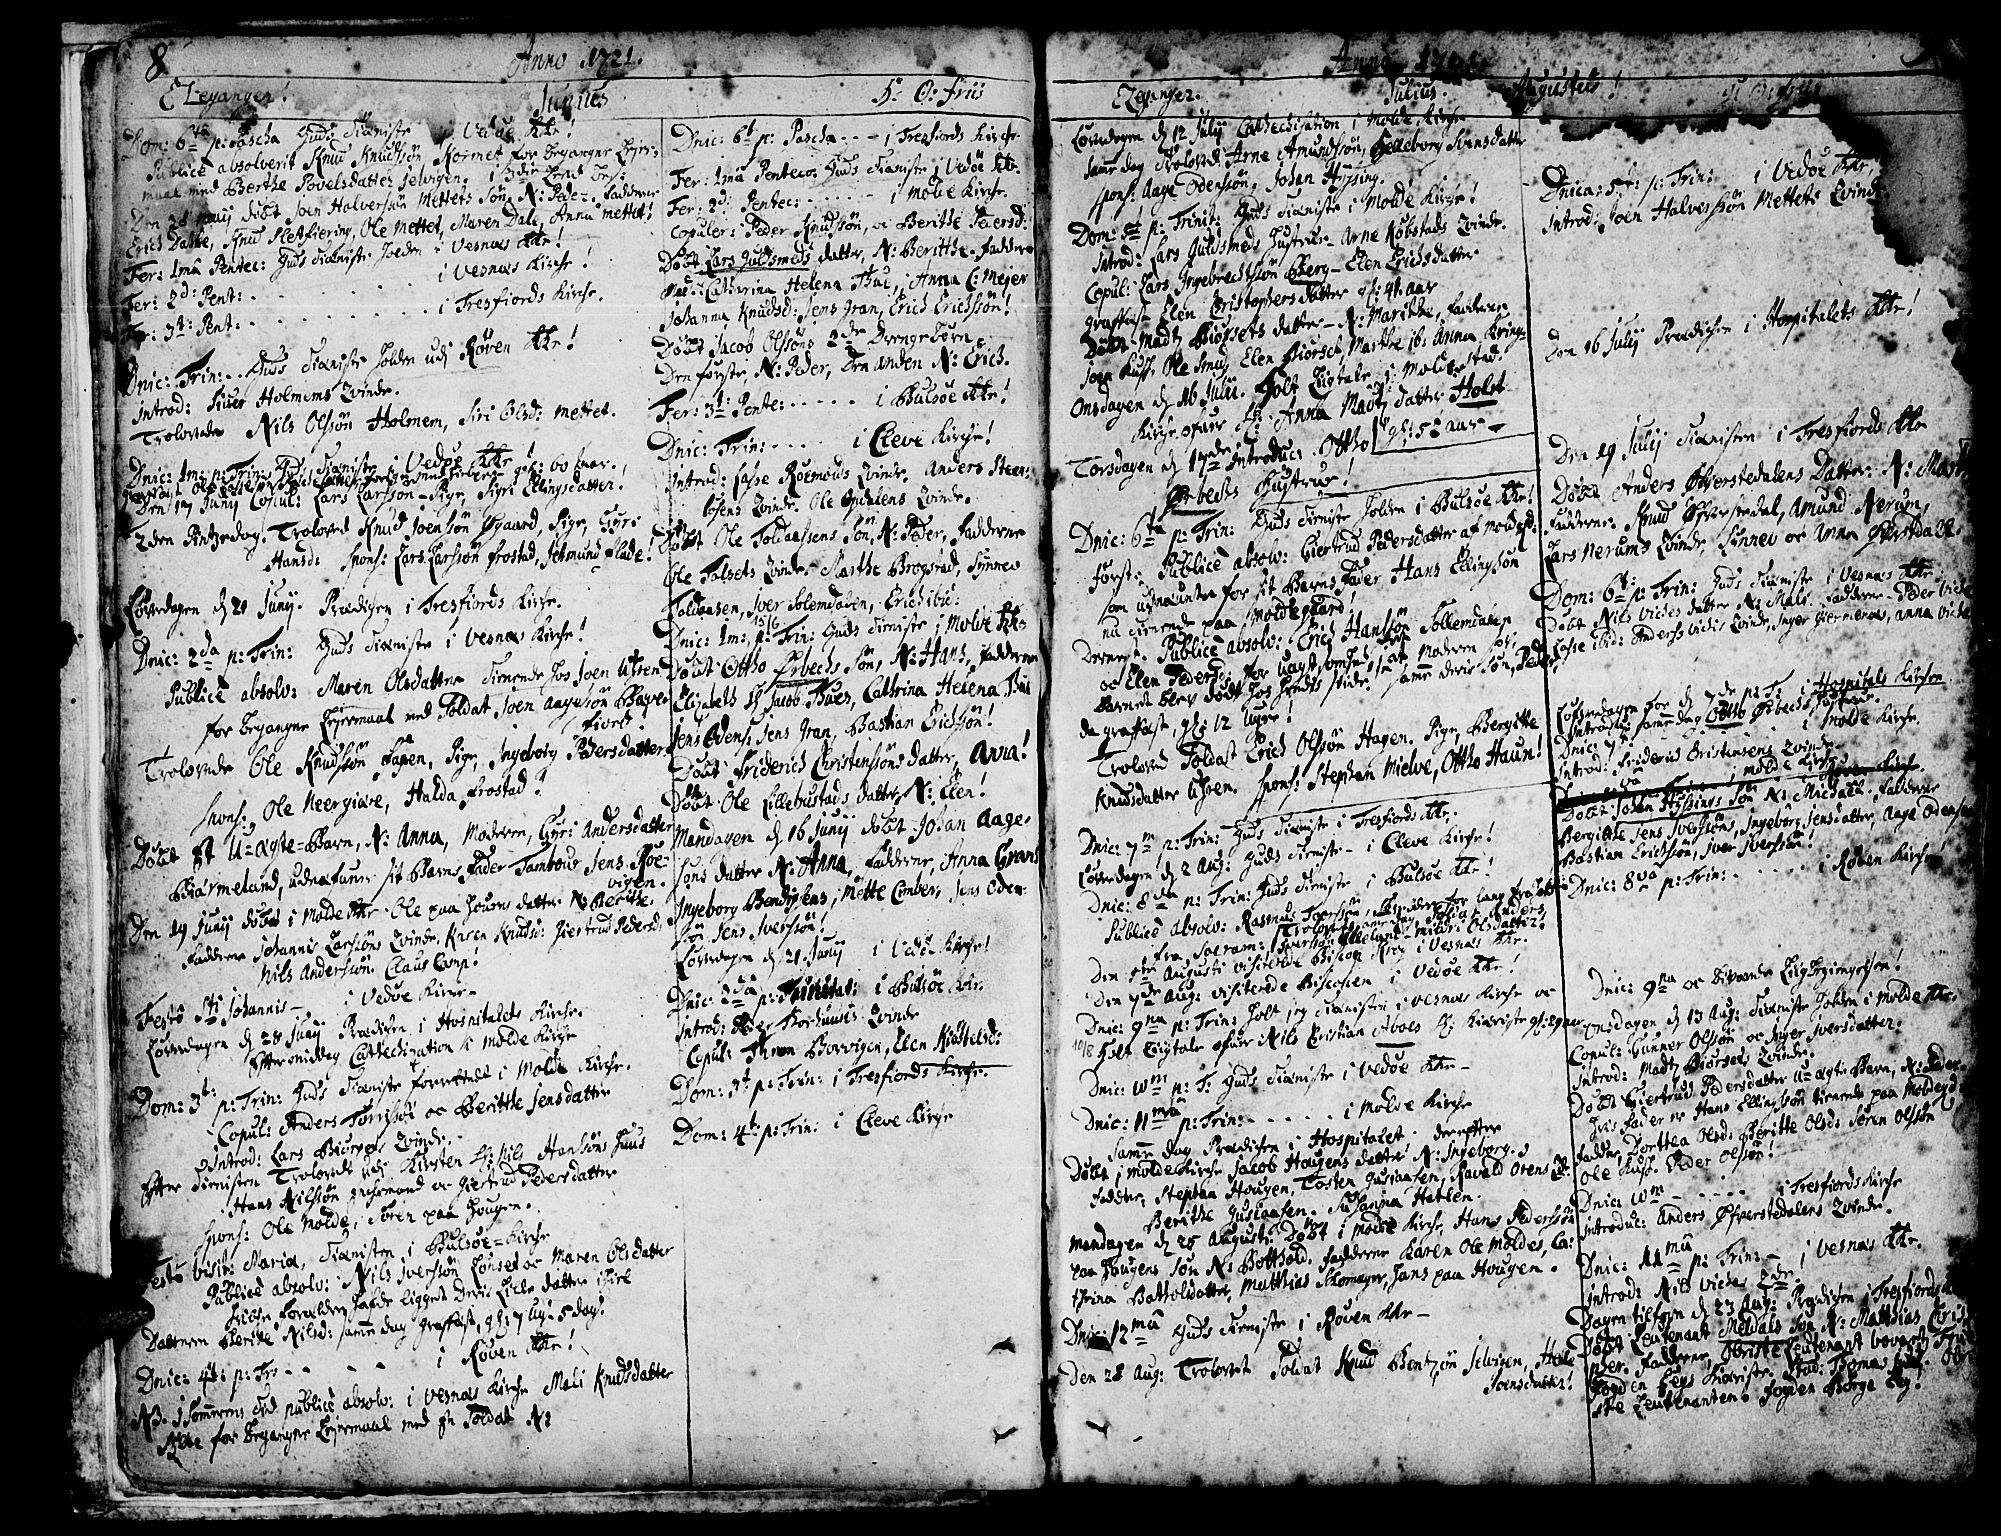 SAT, Ministerialprotokoller, klokkerbøker og fødselsregistre - Møre og Romsdal, 547/L0599: Ministerialbok nr. 547A01, 1721-1764, s. 8-9